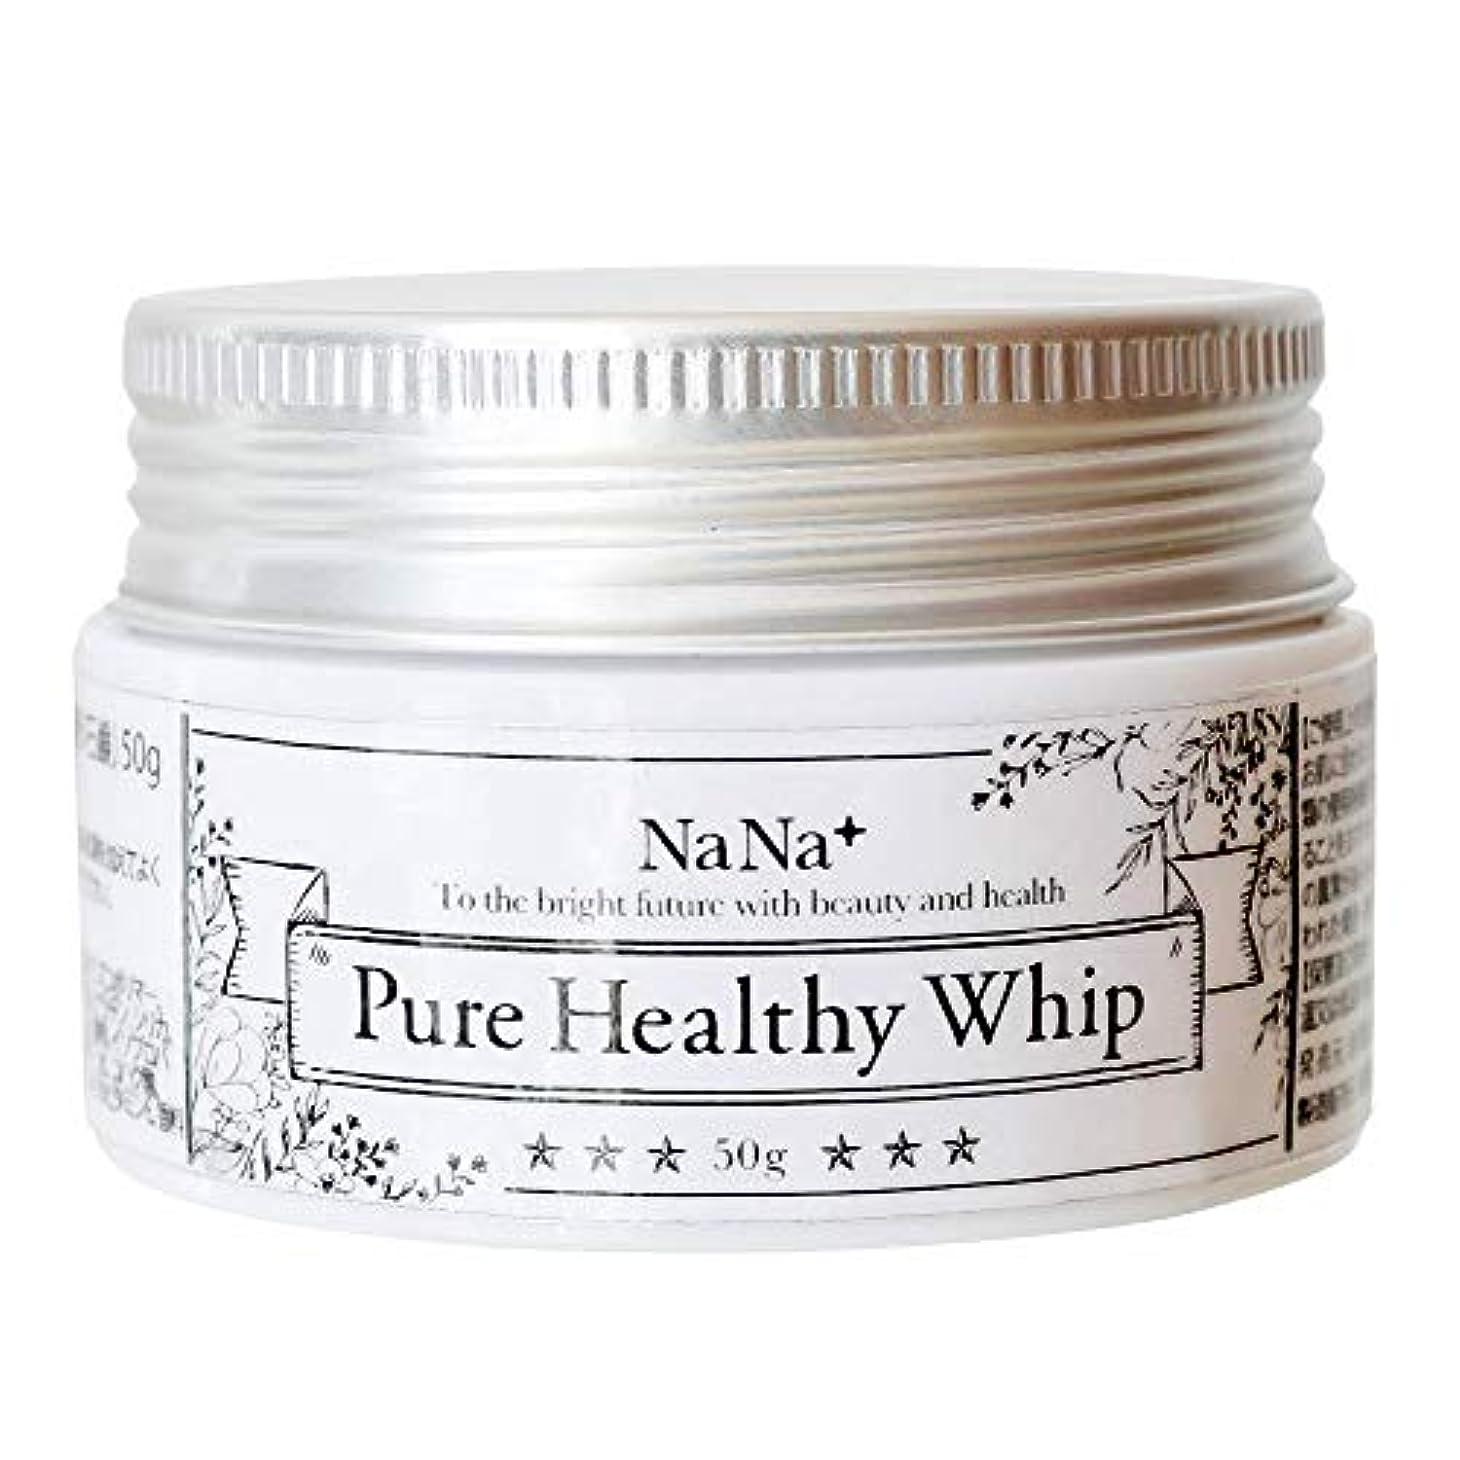 エイズ蒸し器バージン洗顔 生せっけん 敏感肌 乾燥肌 の 毛穴 くすみ 黒ずみ ケア 肌に優しい無添加  nana+ピュアヘルシーホイップ